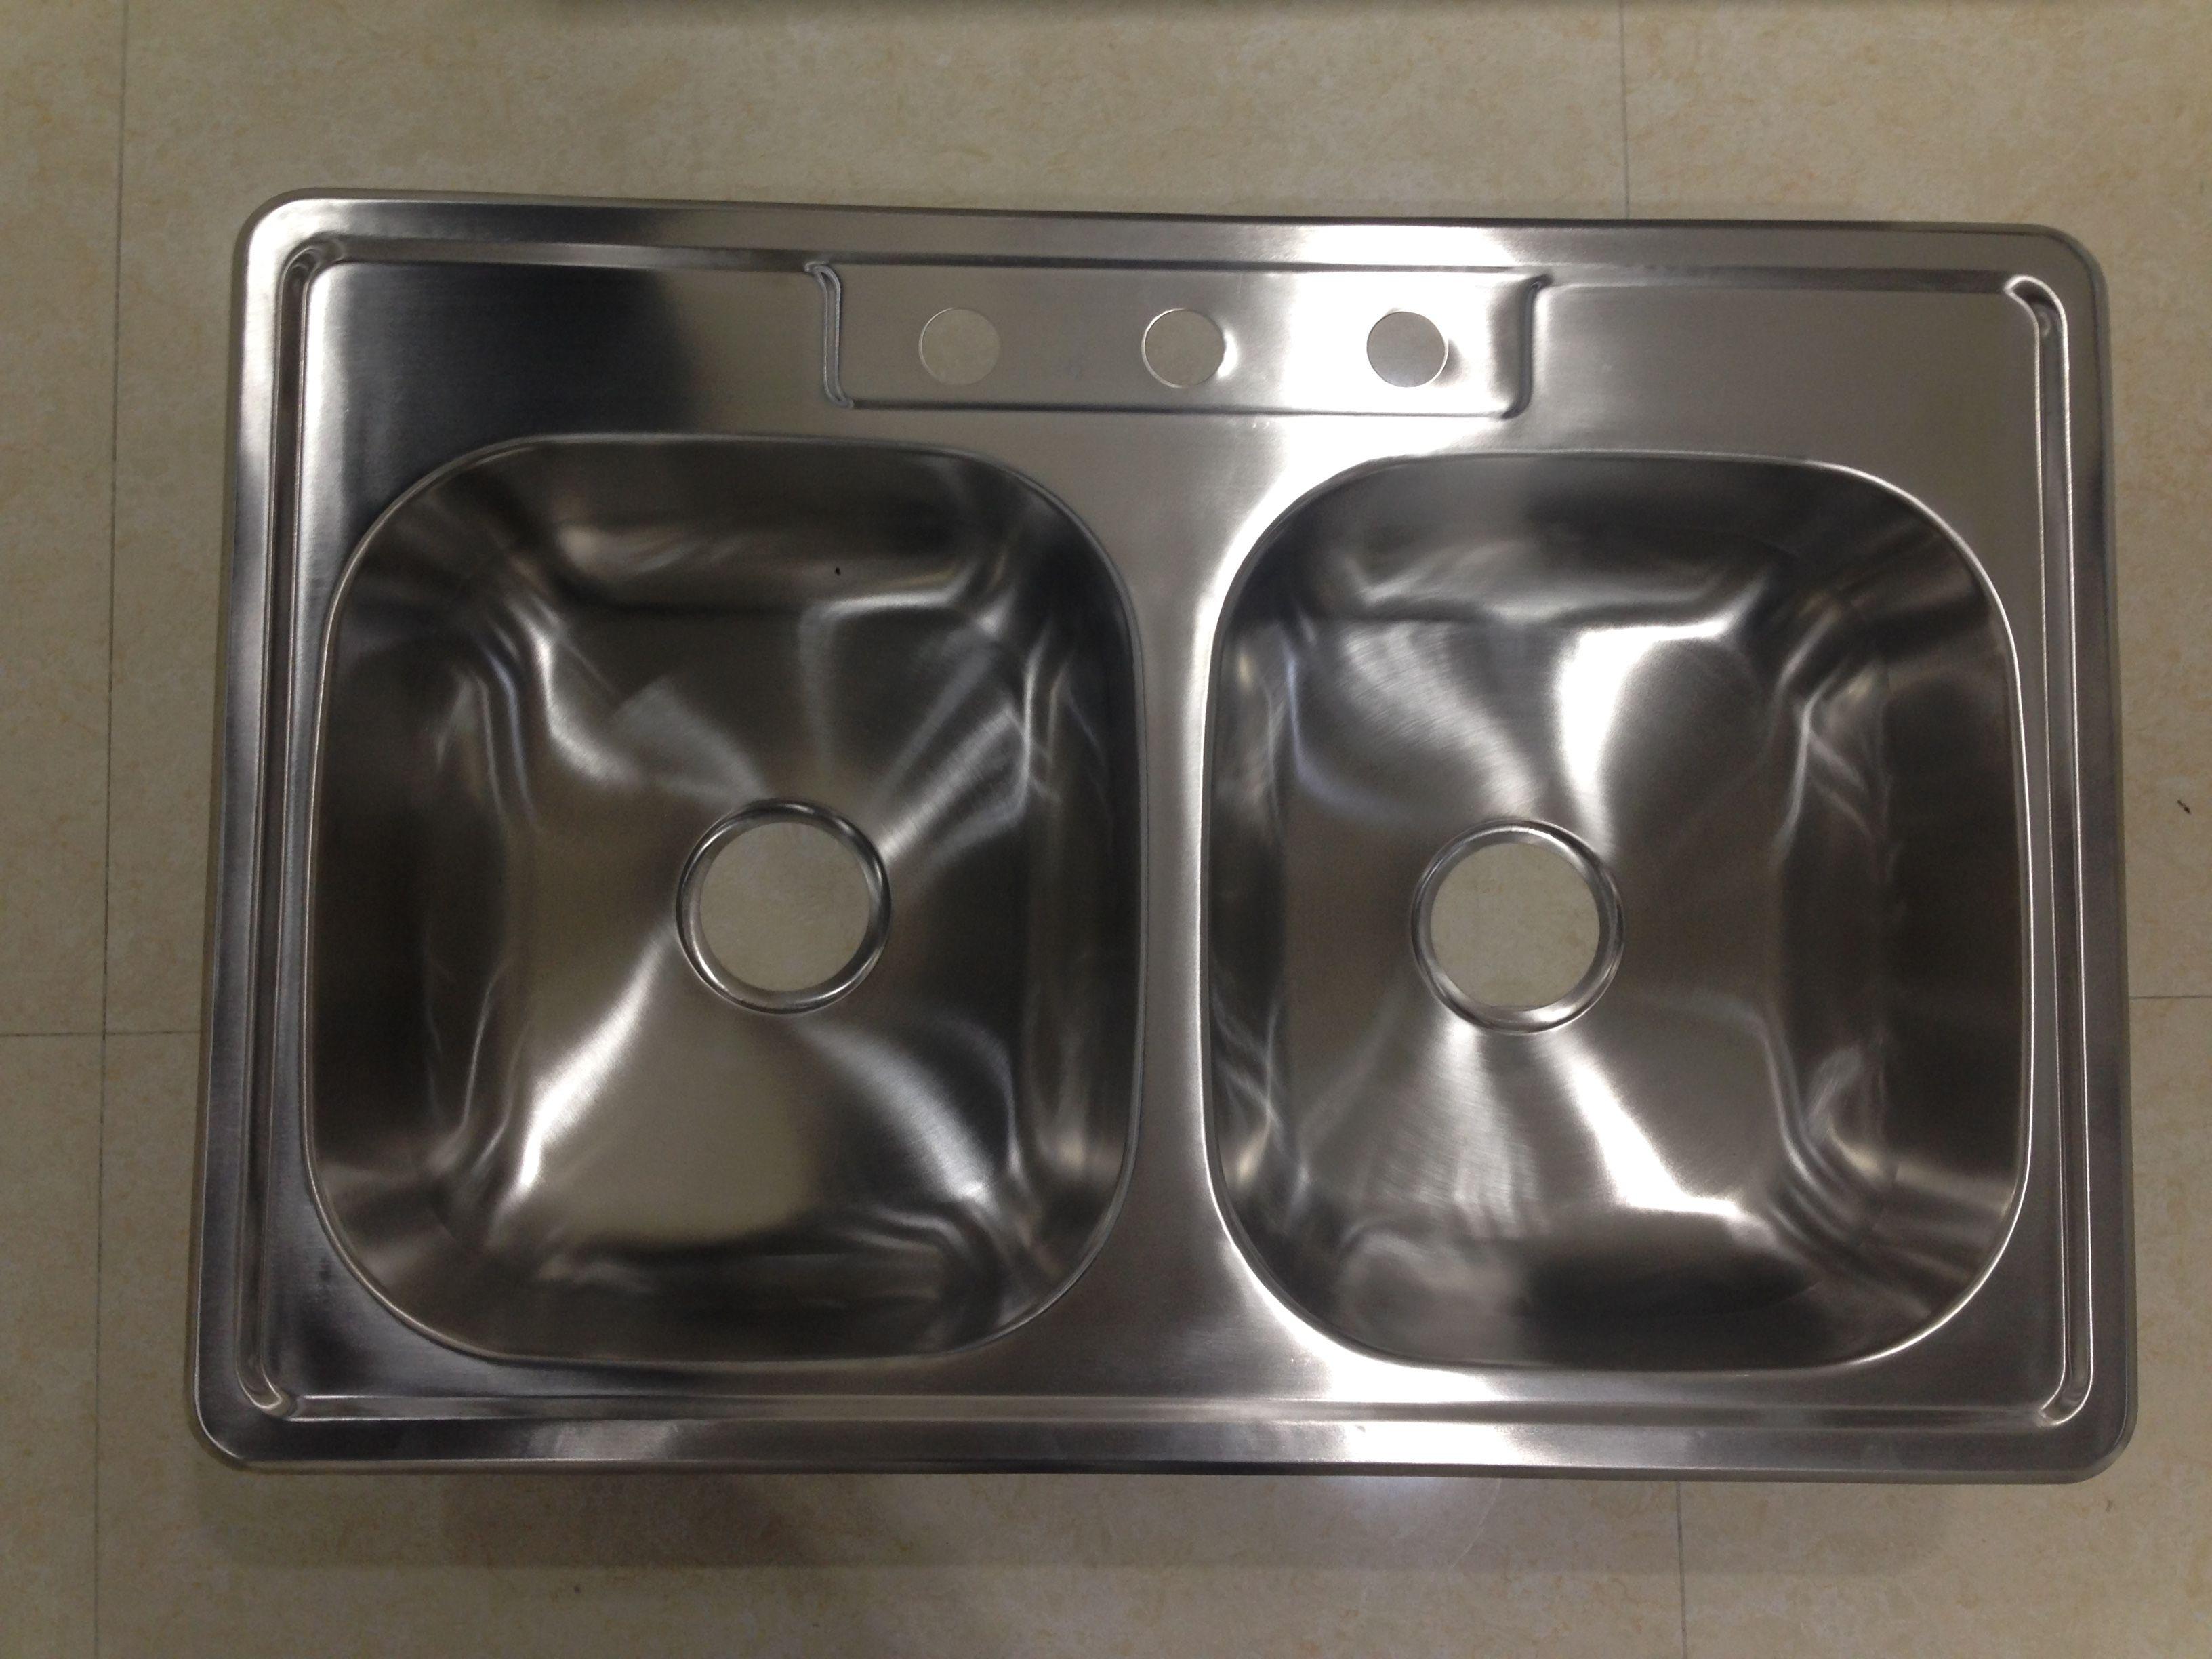 Sink Factory/Sink Manufacturer/Stainless steel sink/kitchen sink ...